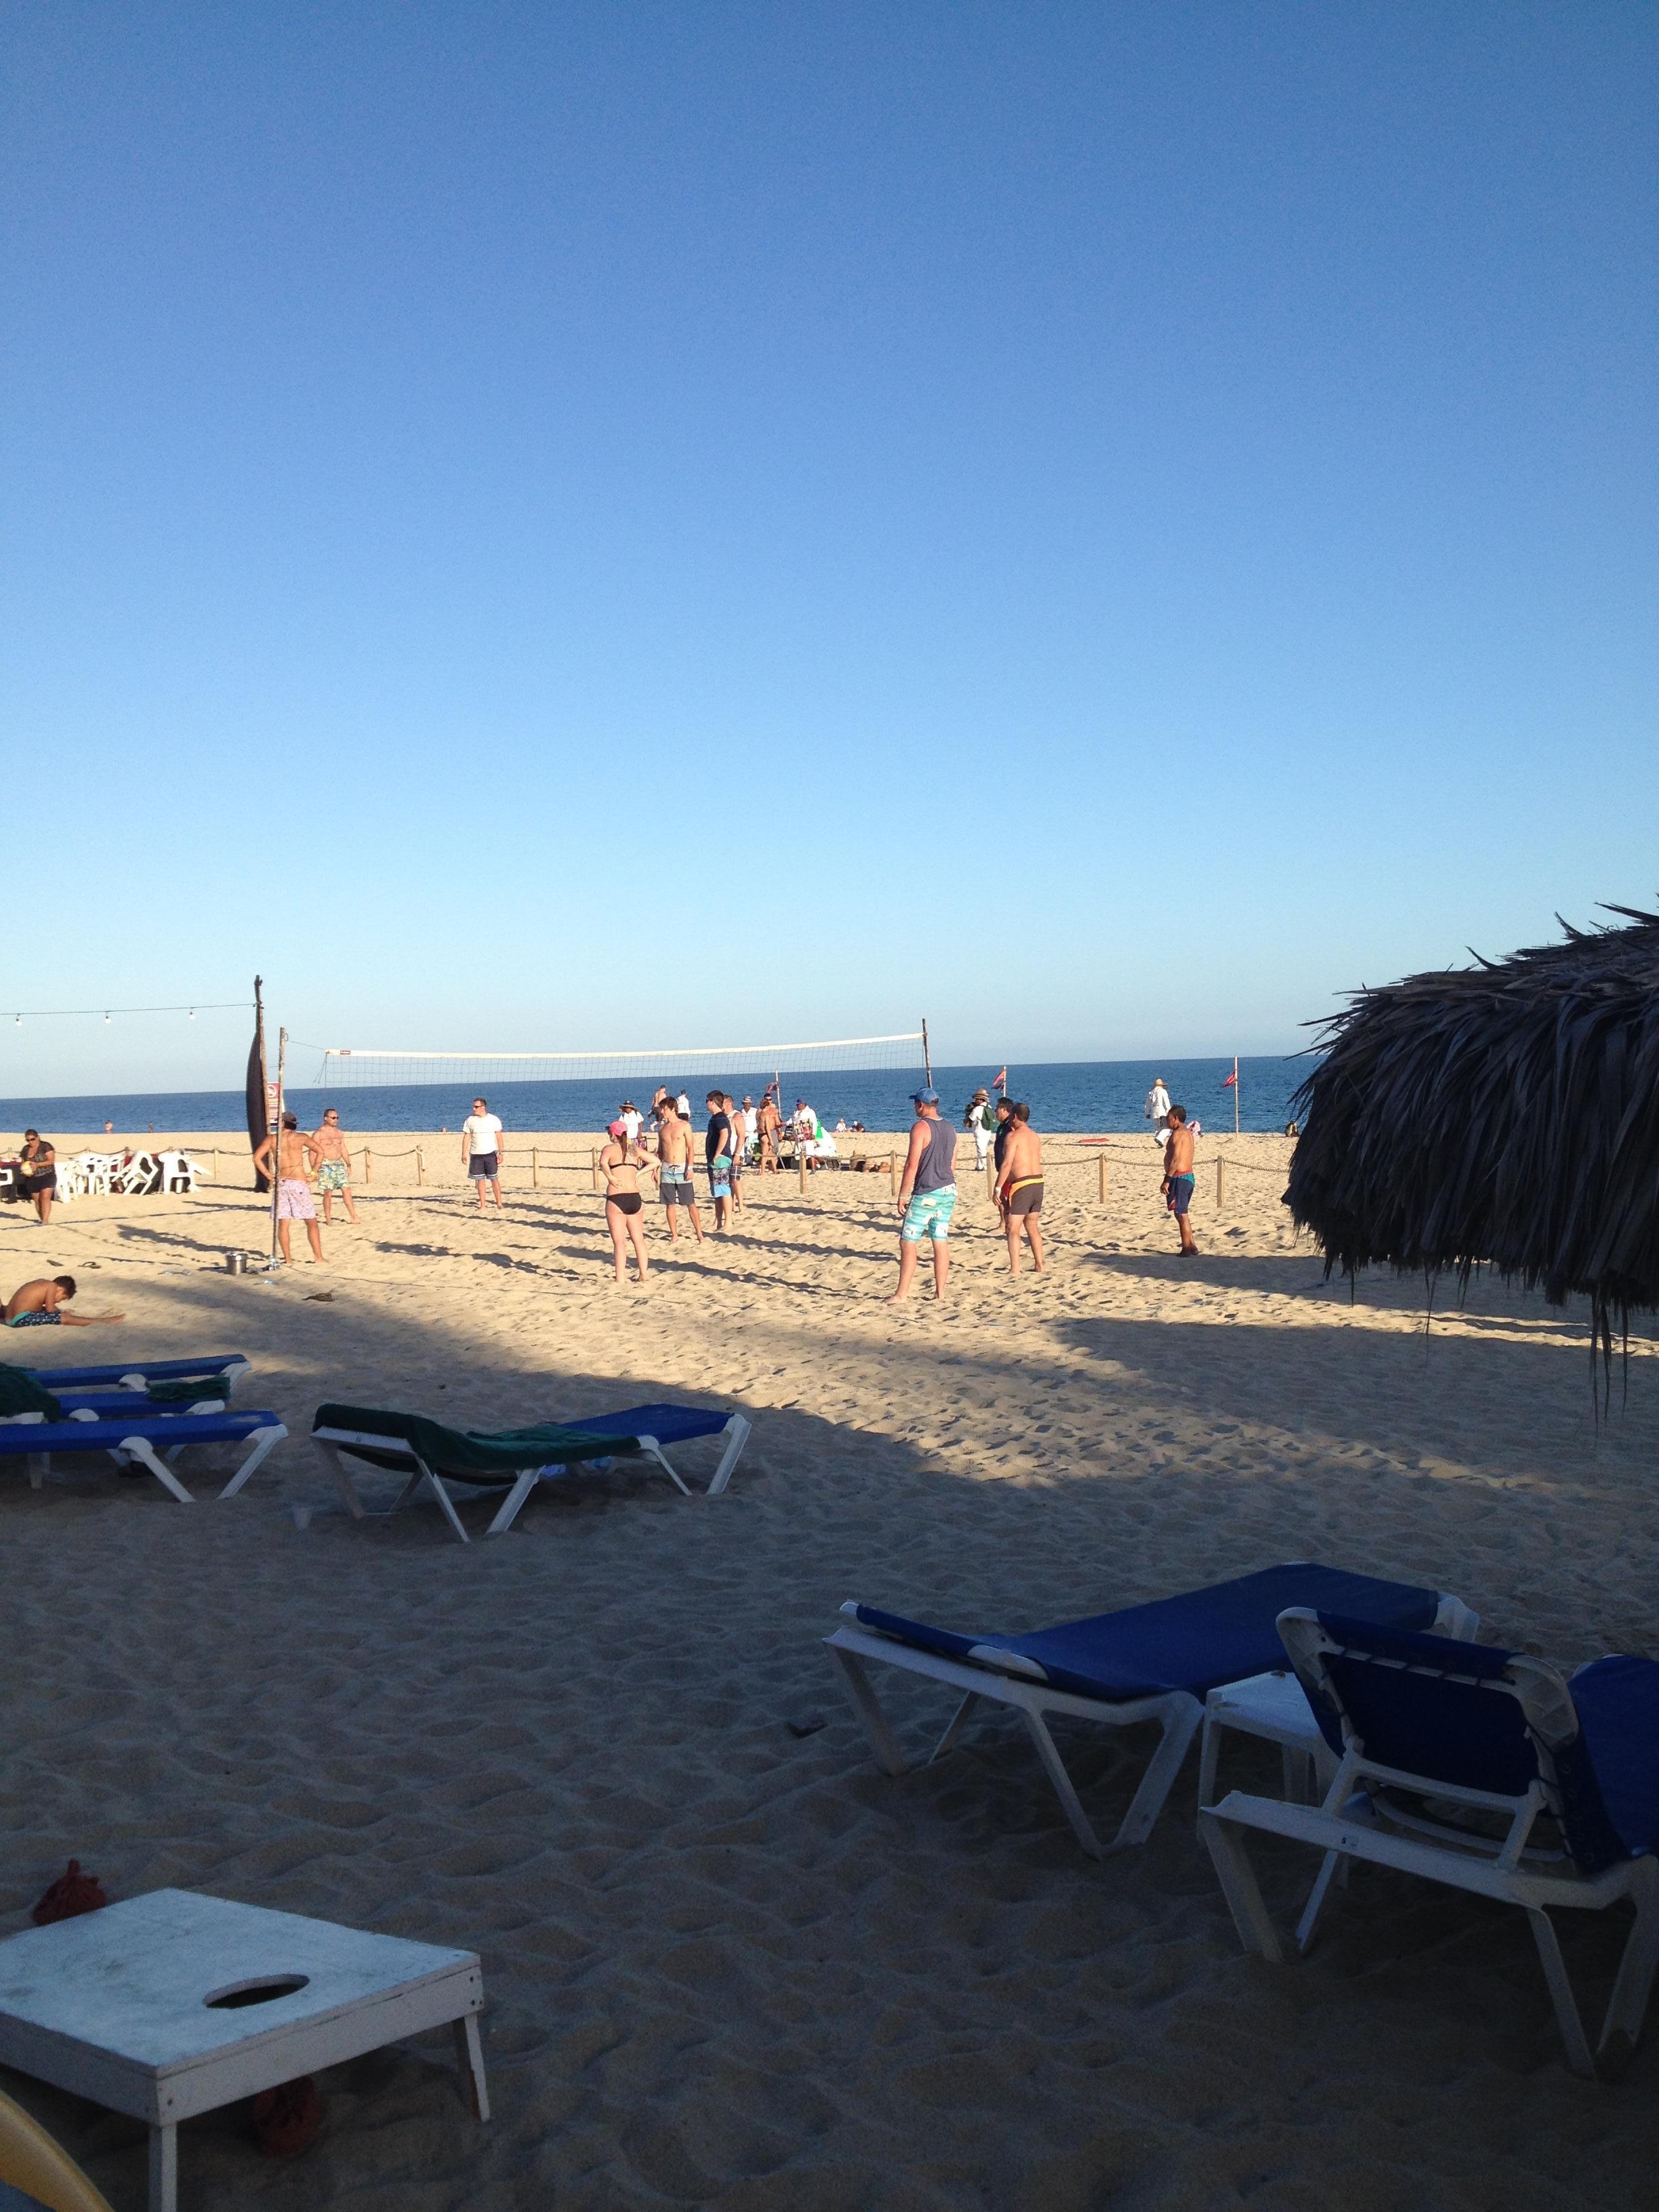 Beach bar at sundown